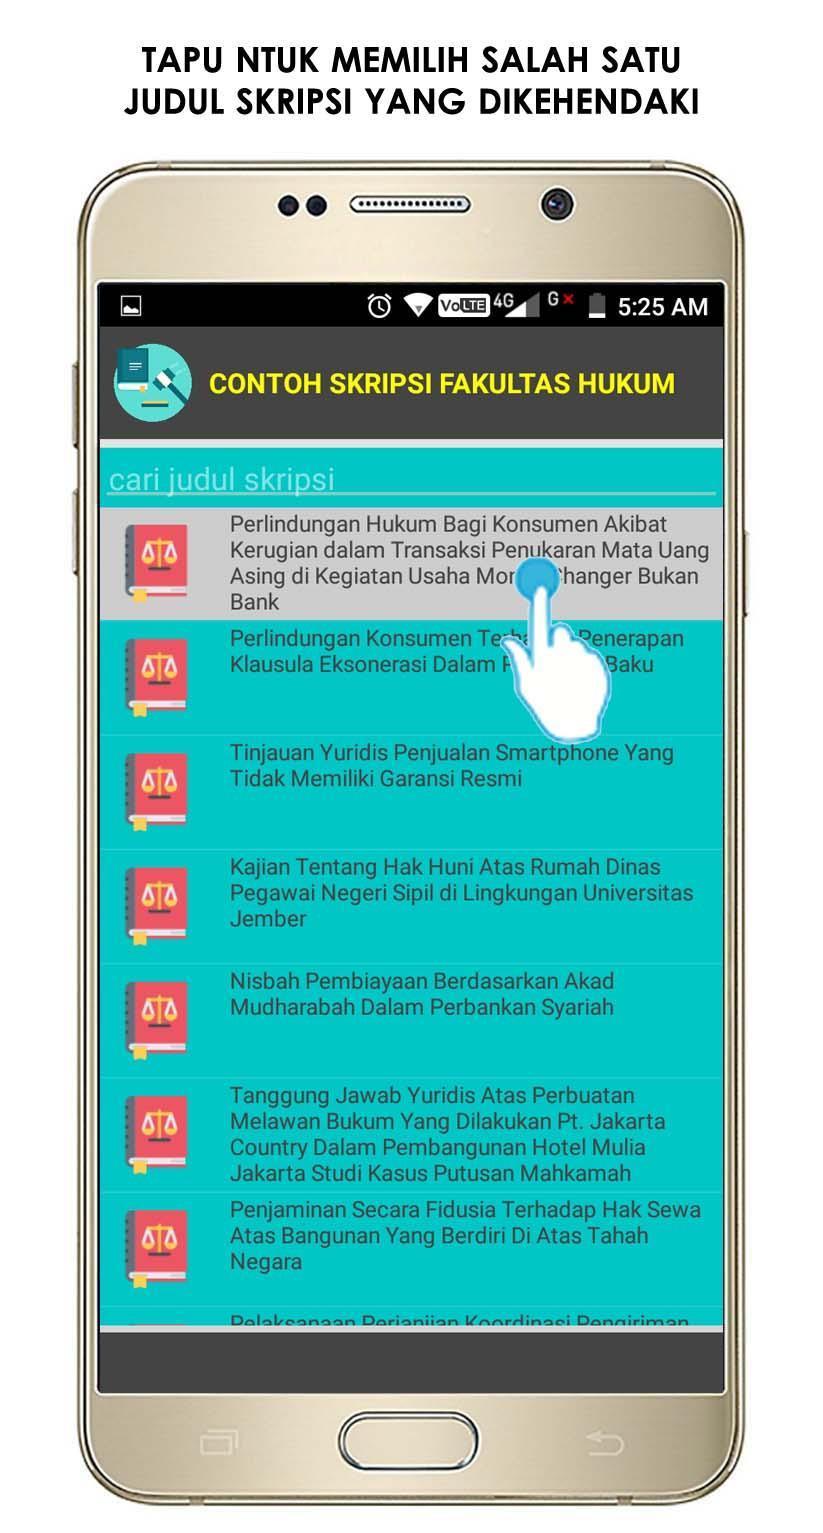 Contoh Skripsi Hukum For Android Apk Download